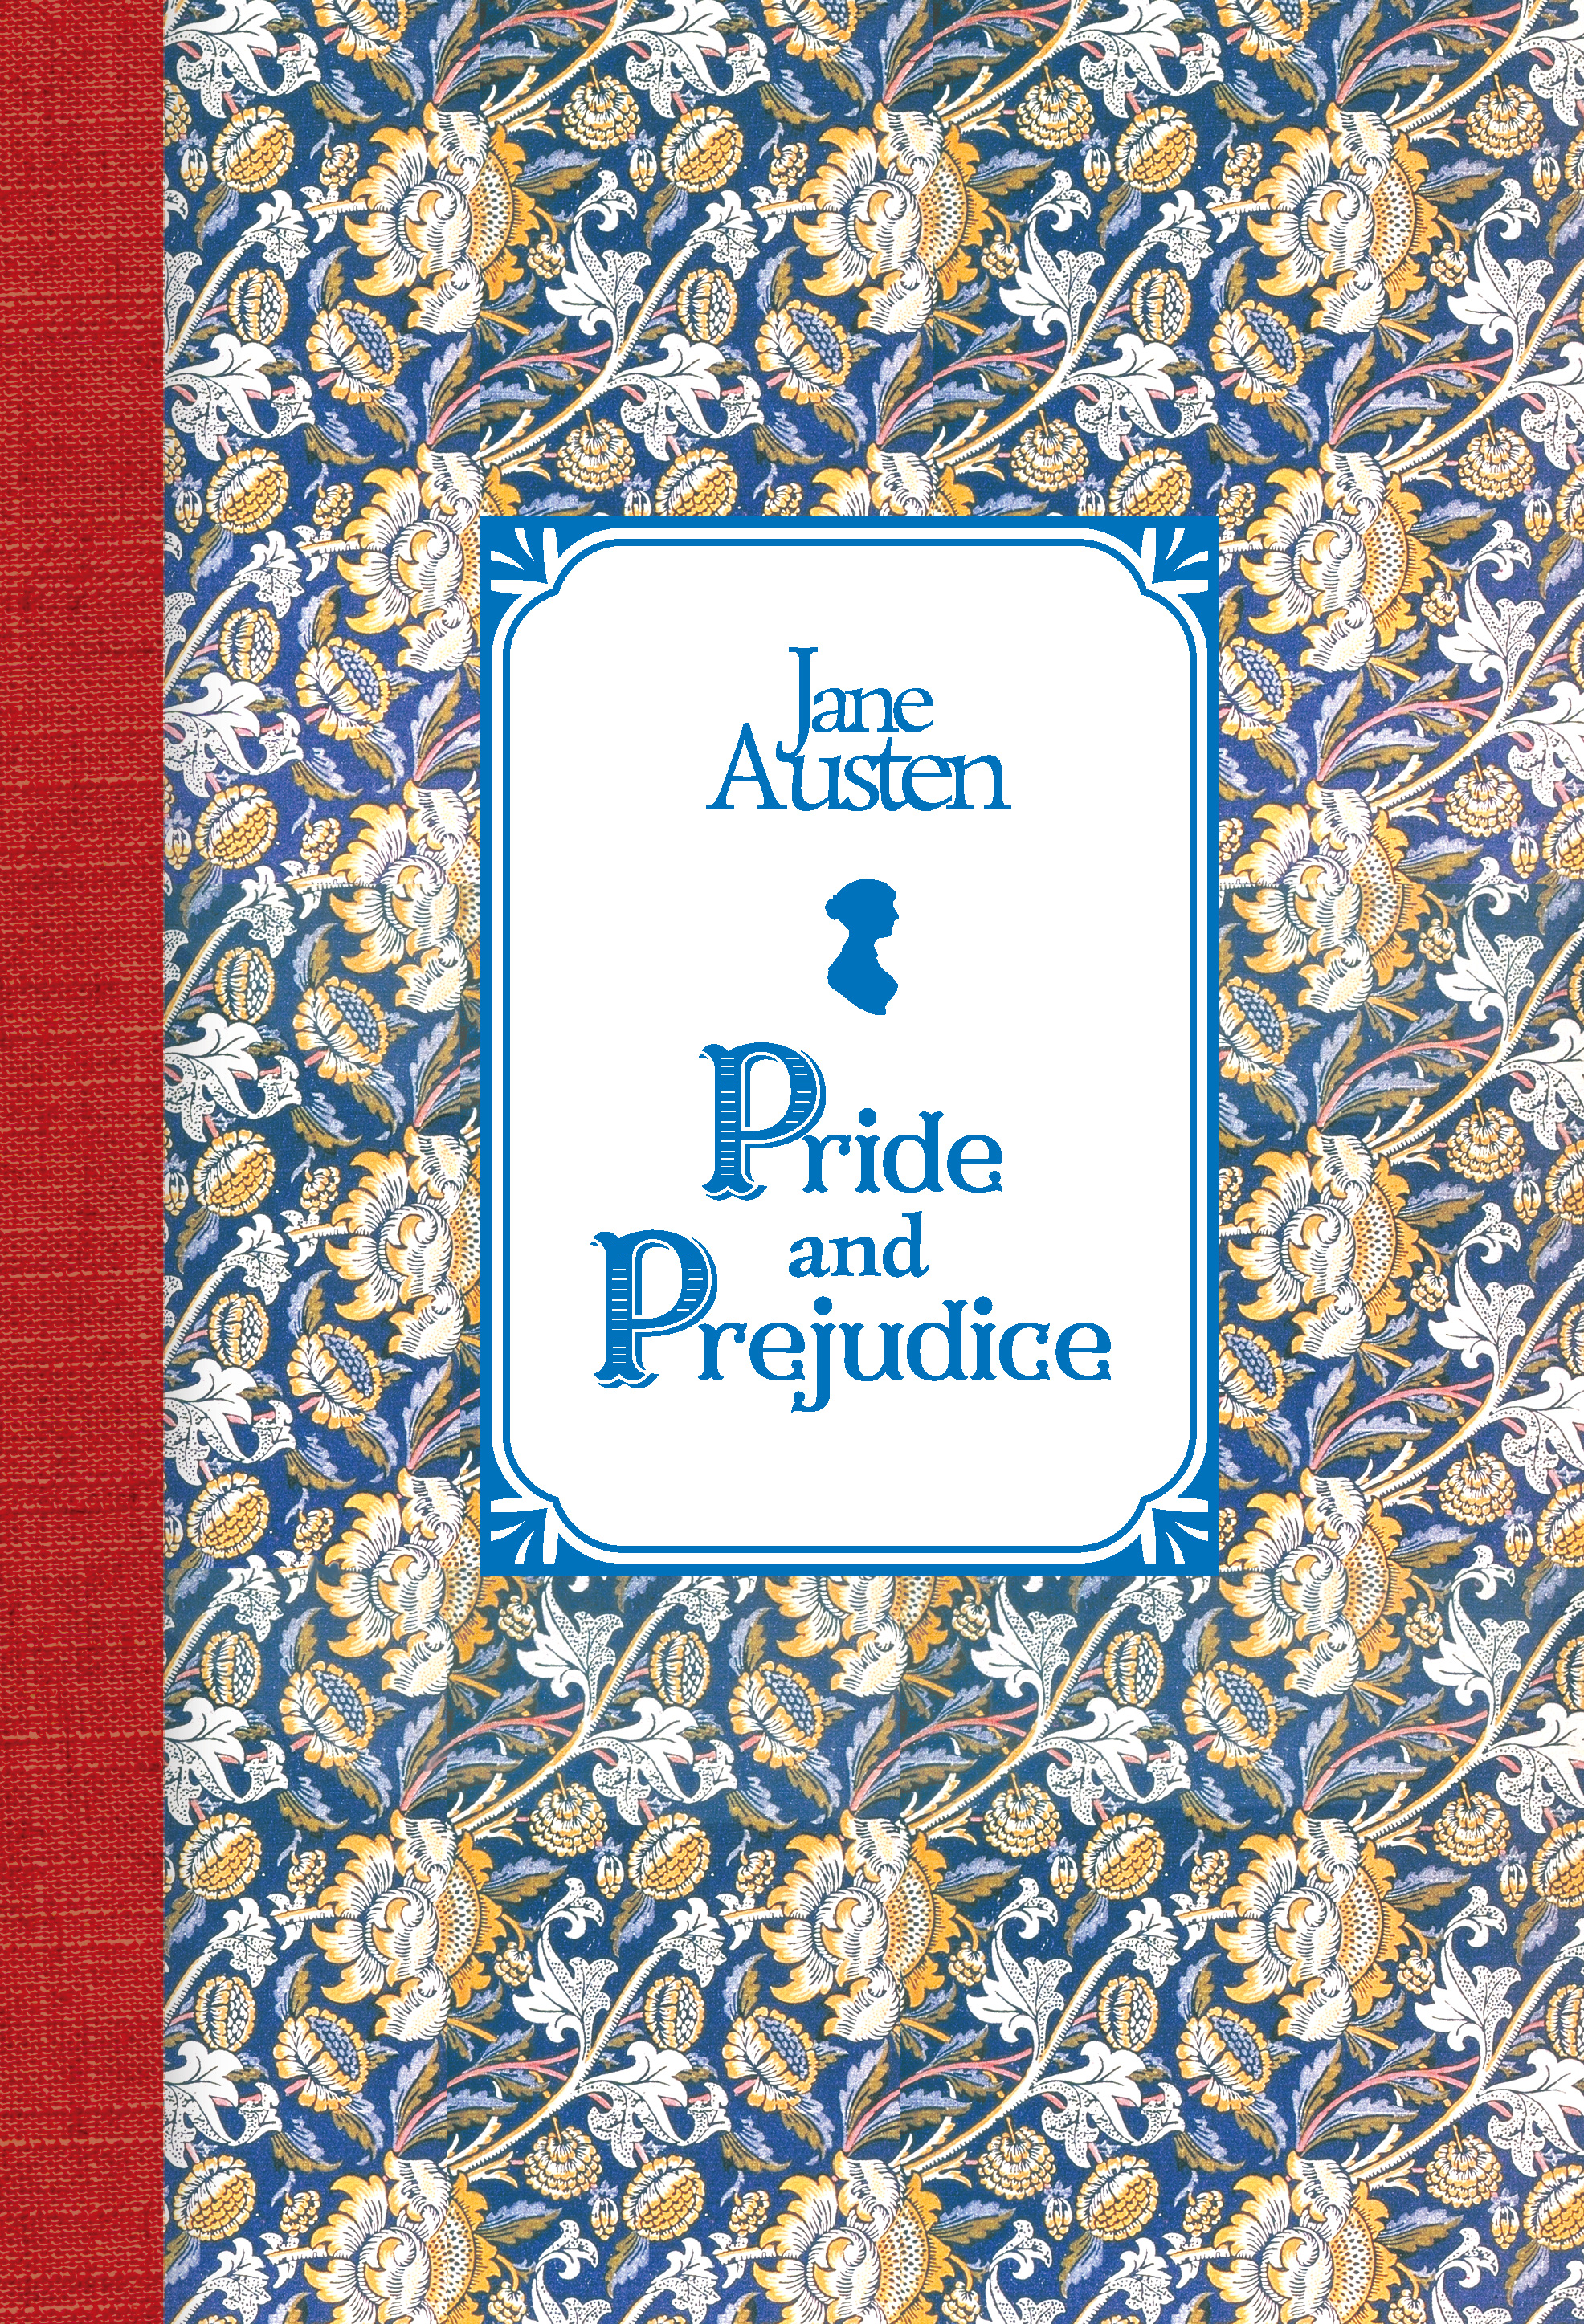 gordost i predubezhdenie pride and prejudice